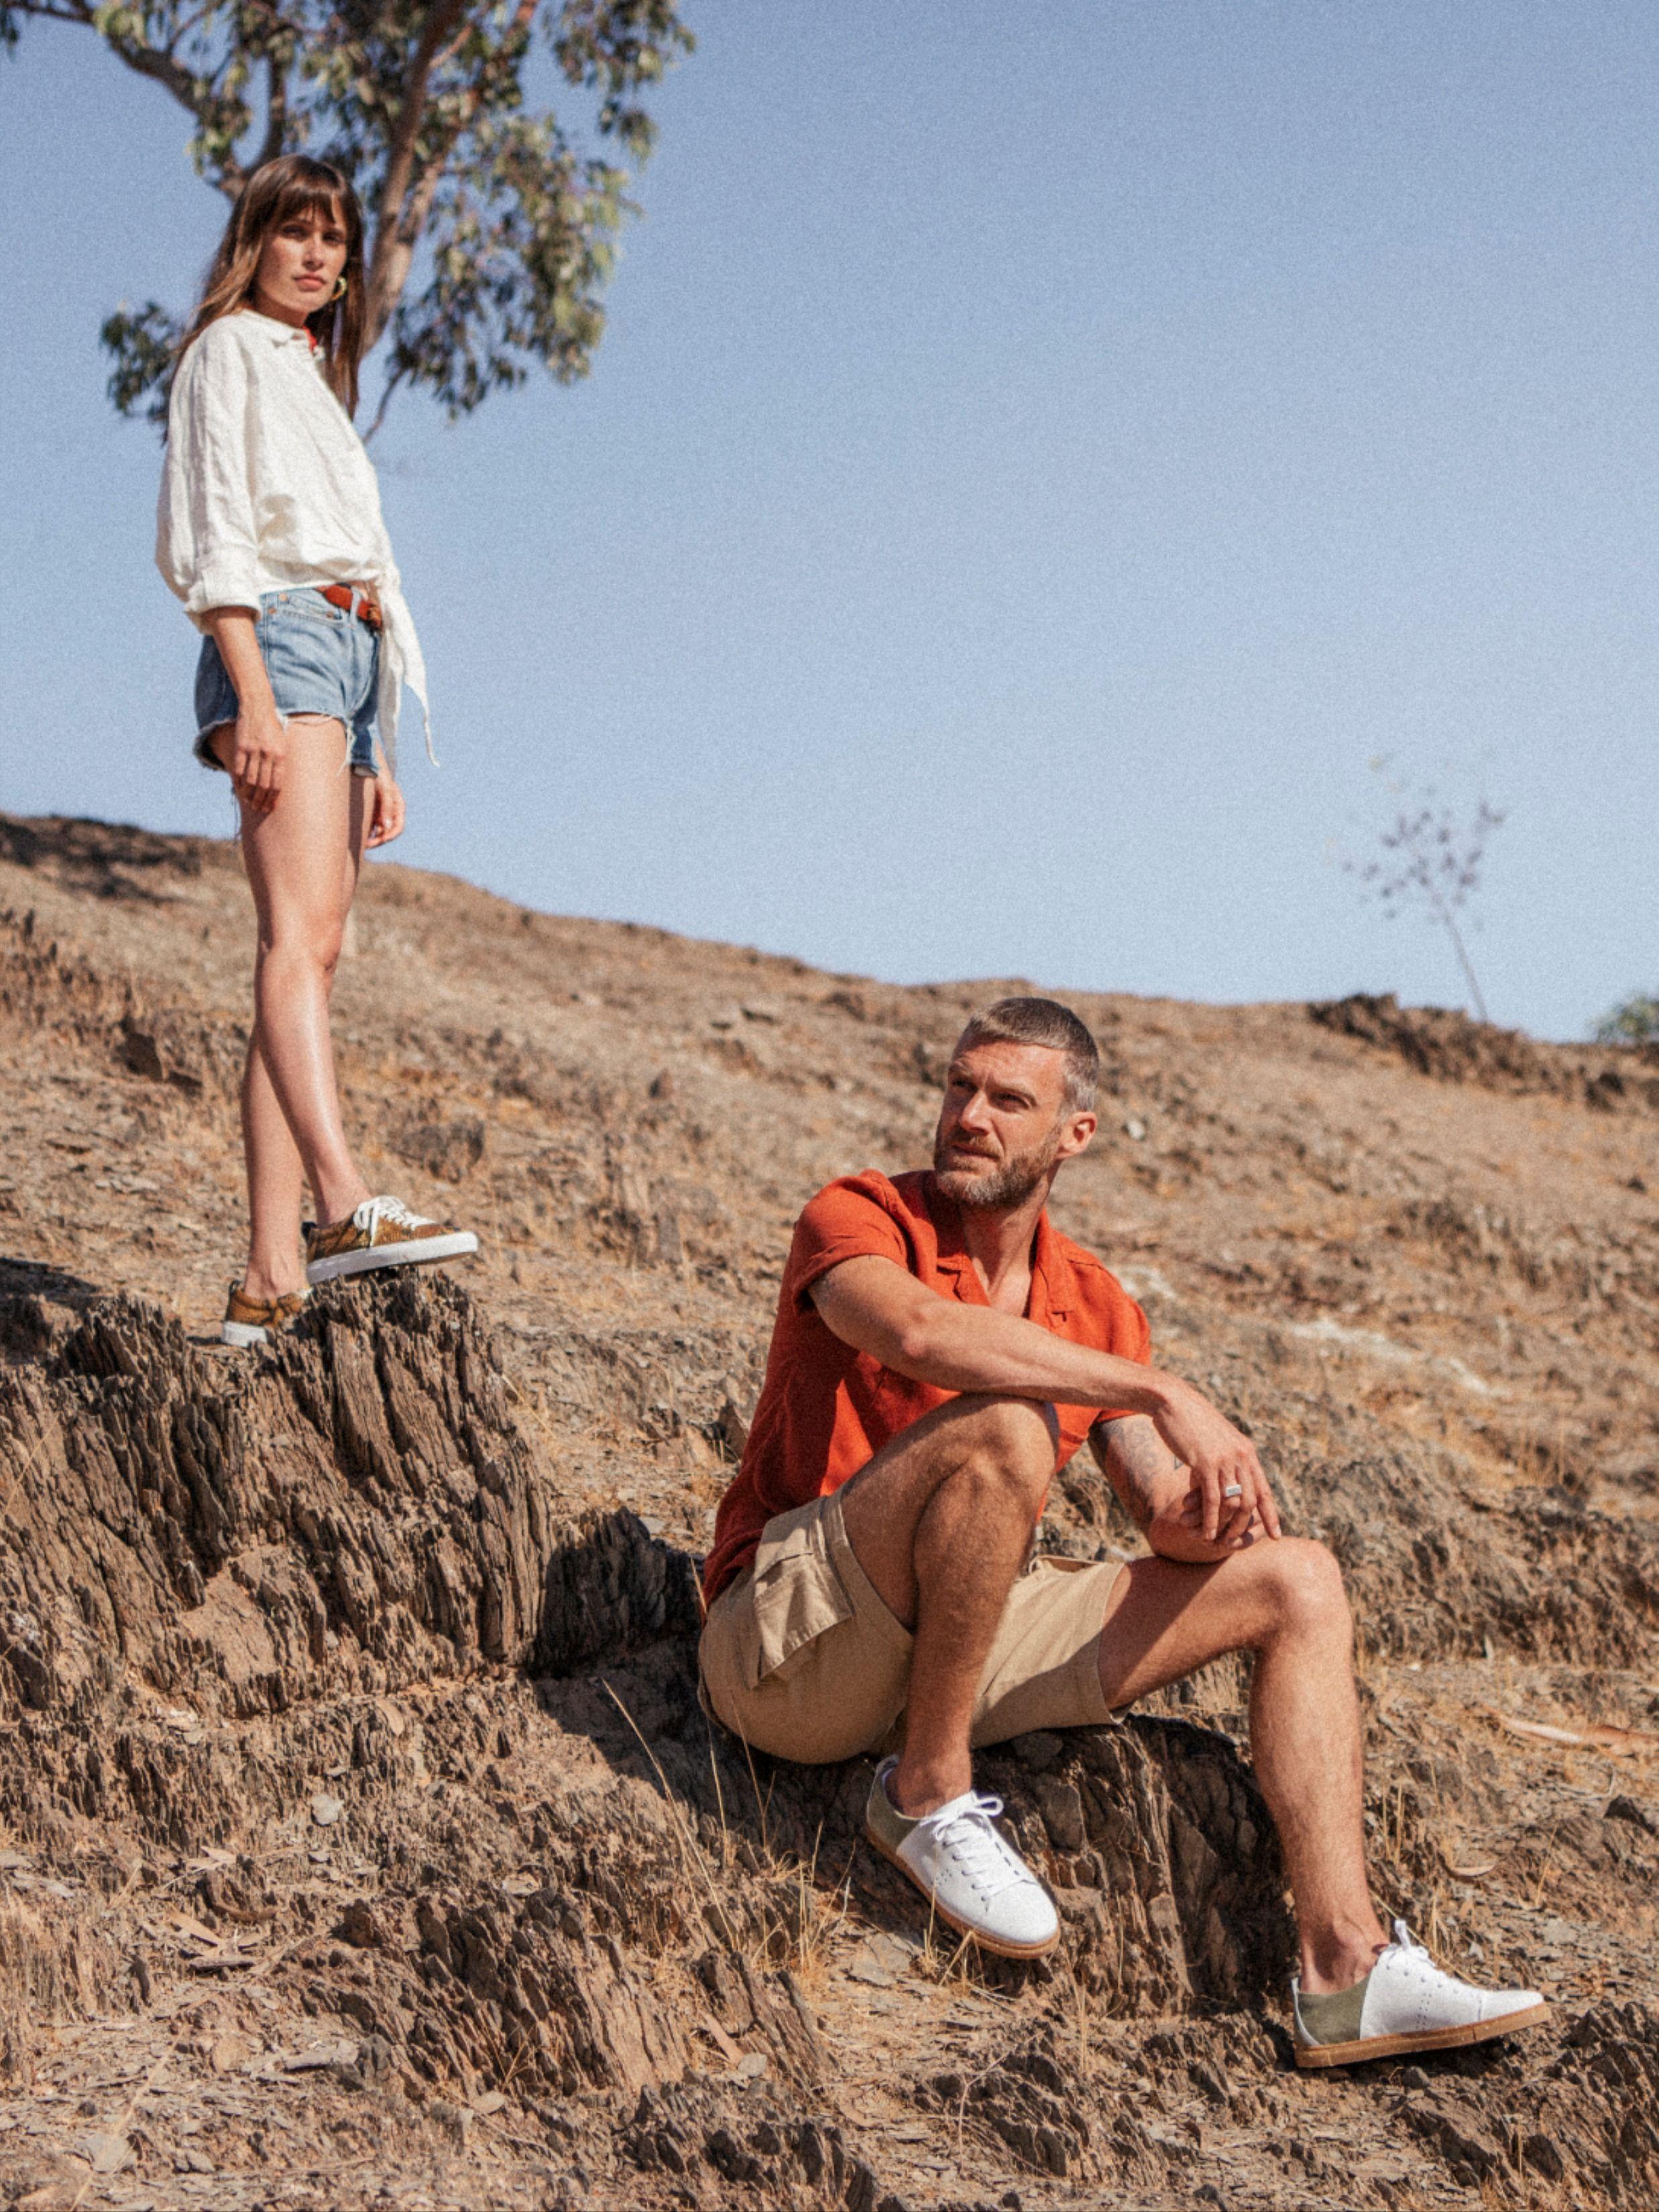 Découvrez notre collection Printemps - Été 2020 #tendances2020 #couple #marqueparisienne #frenchbrand #french #sneakers #vintage #paris #inspiration #travel #short #lookbasketsshort #boheme #inspiration #casual #basketsblanches #baskets #couple #desert #maroc #outfitideas